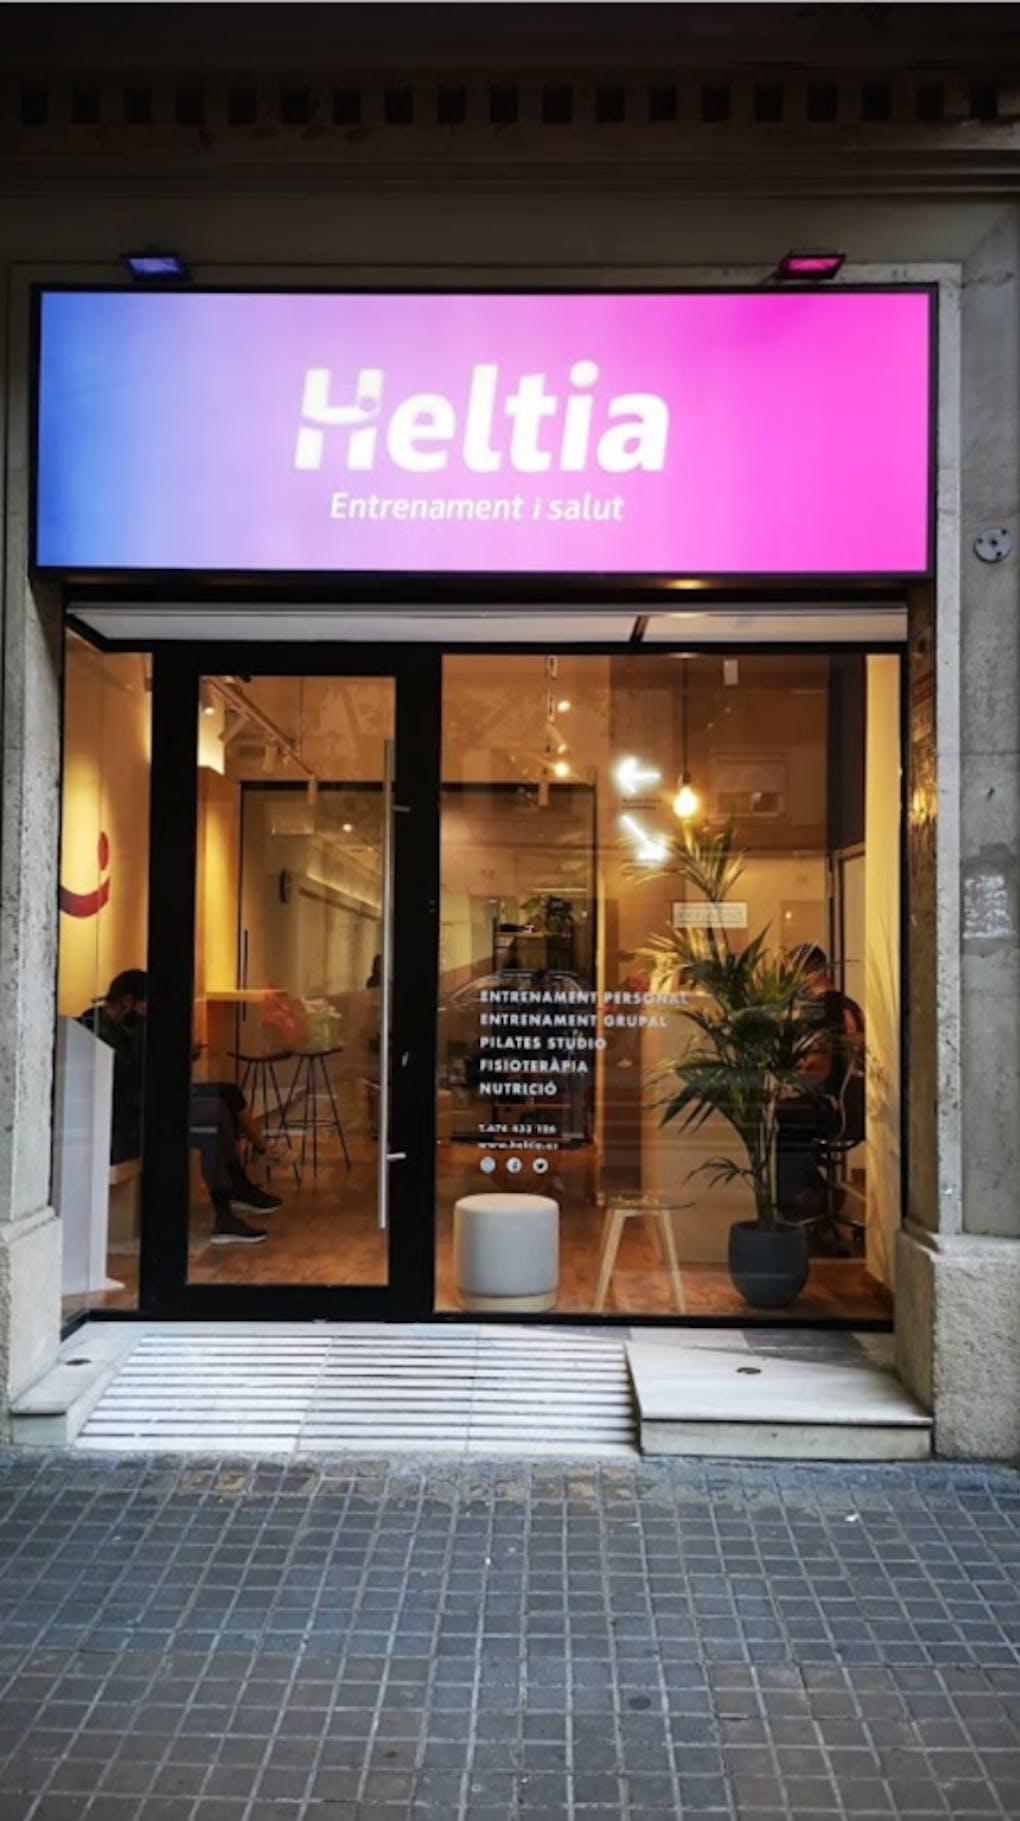 Heltia